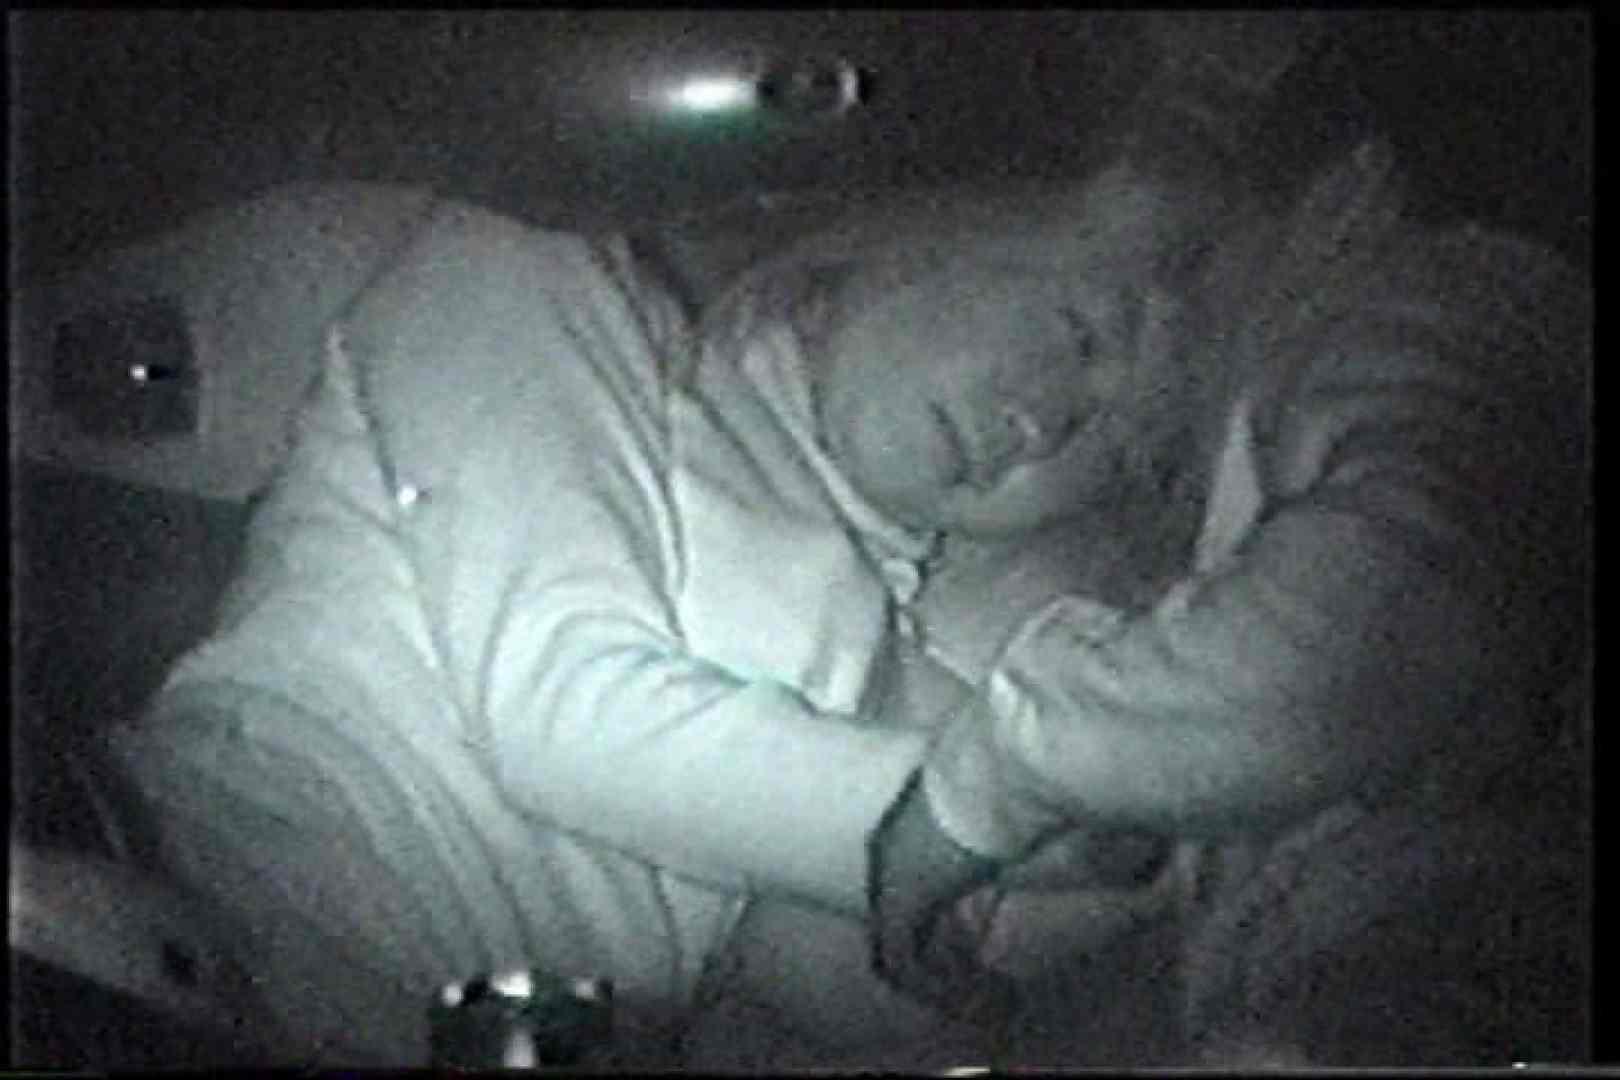 充血監督の深夜の運動会Vol.216 カップルのセックス ワレメ動画紹介 103PIX 73